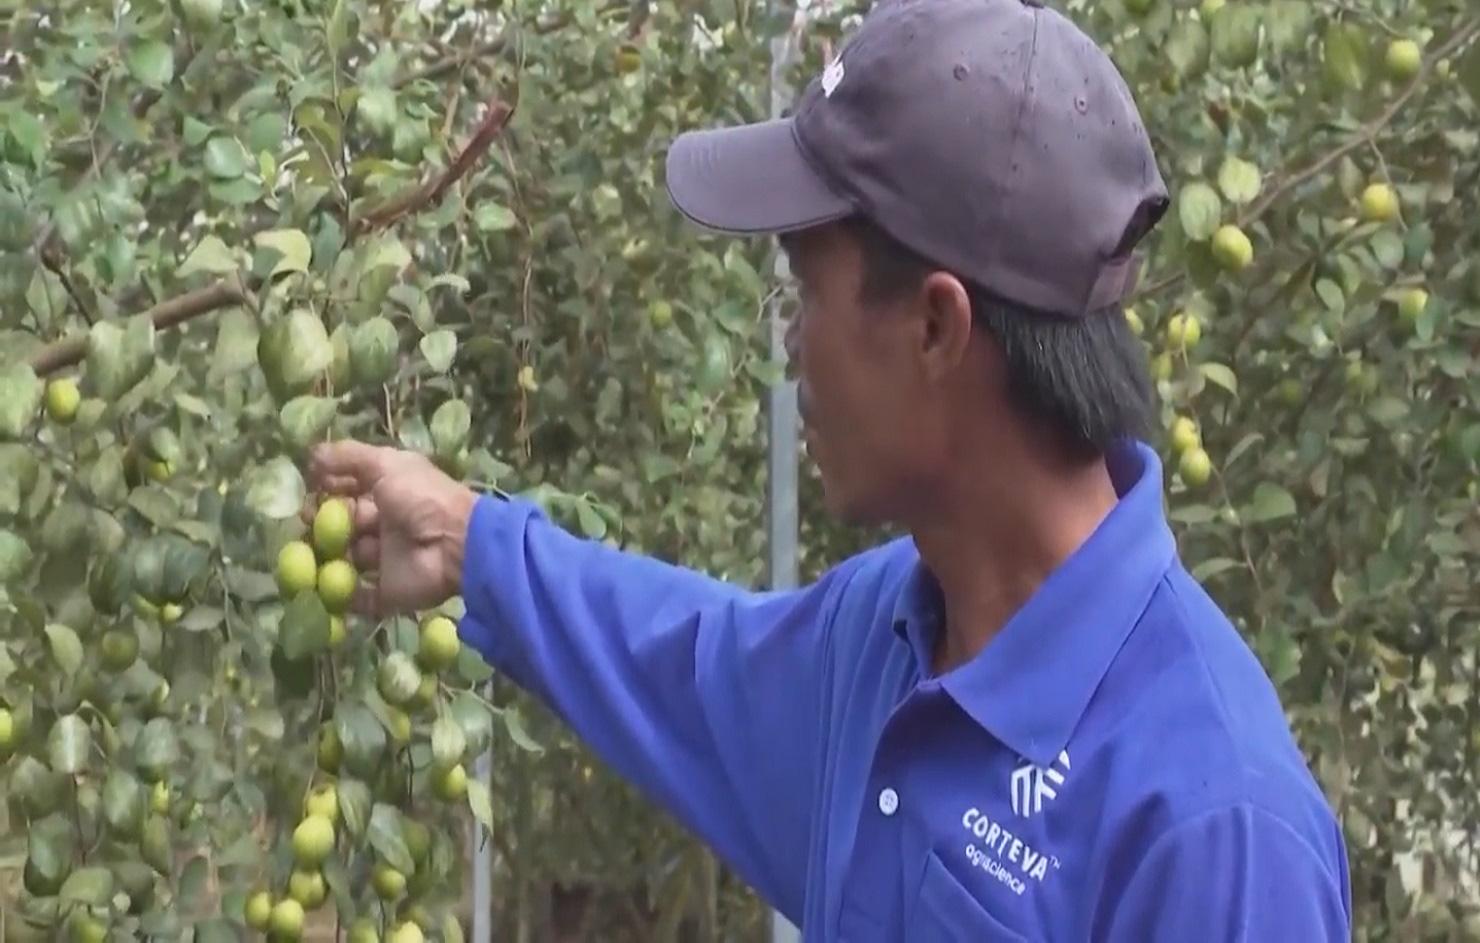 Trồng táo hồng trong nhà lưới, ông nông dân thu về hàng trăm triệu mỗi năm - Ảnh 2.